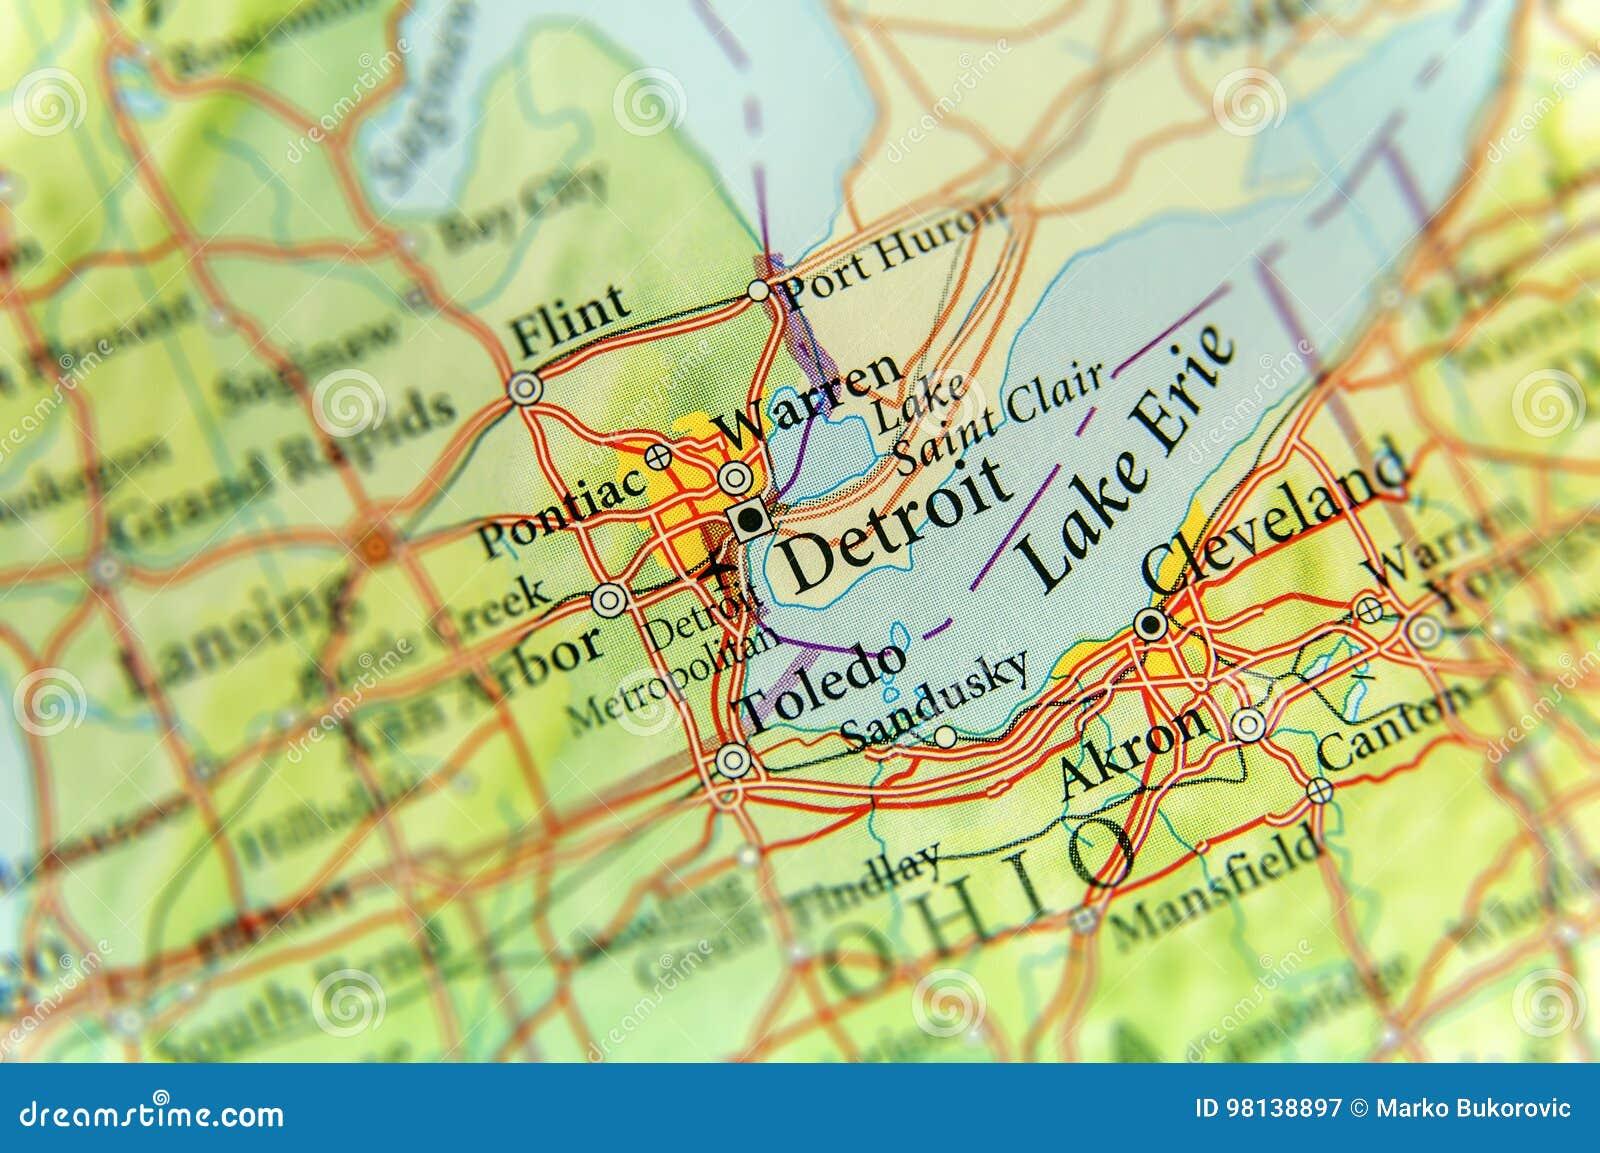 Cartina Topografica Usa.Mappa Geografica Della Citta Dello Stato Usa Michigan E Di Detroit Immagine Stock Immagine Di Posizione Distretto 98138897